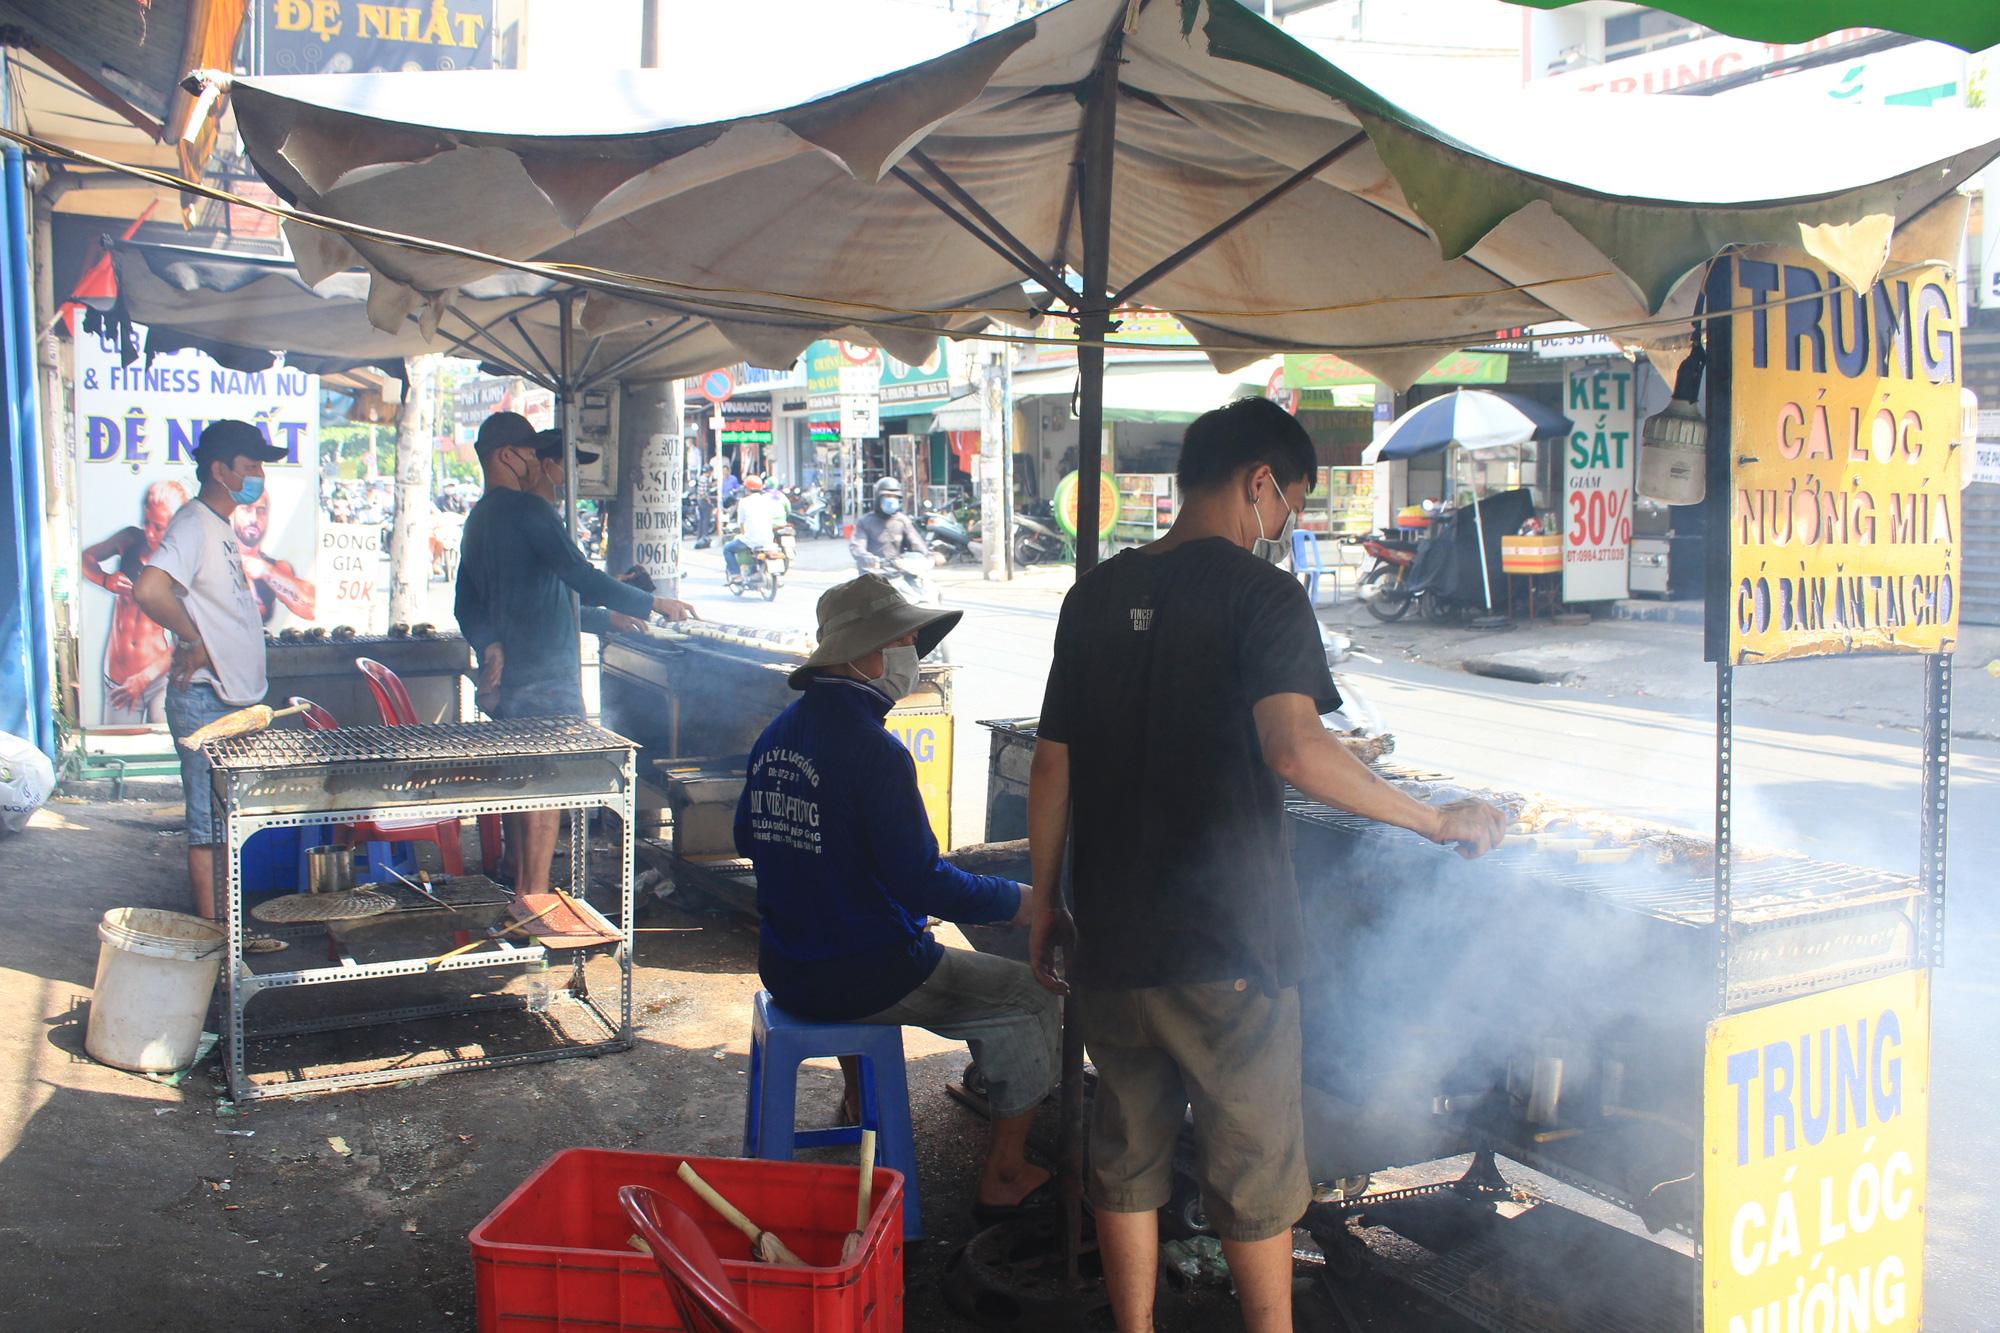 Chuẩn bị 3,5 tấn cá lóc nướng ngày vía Thần tài nhưng vẫn lo không đủ bán ở Sài Gòn - Ảnh 1.